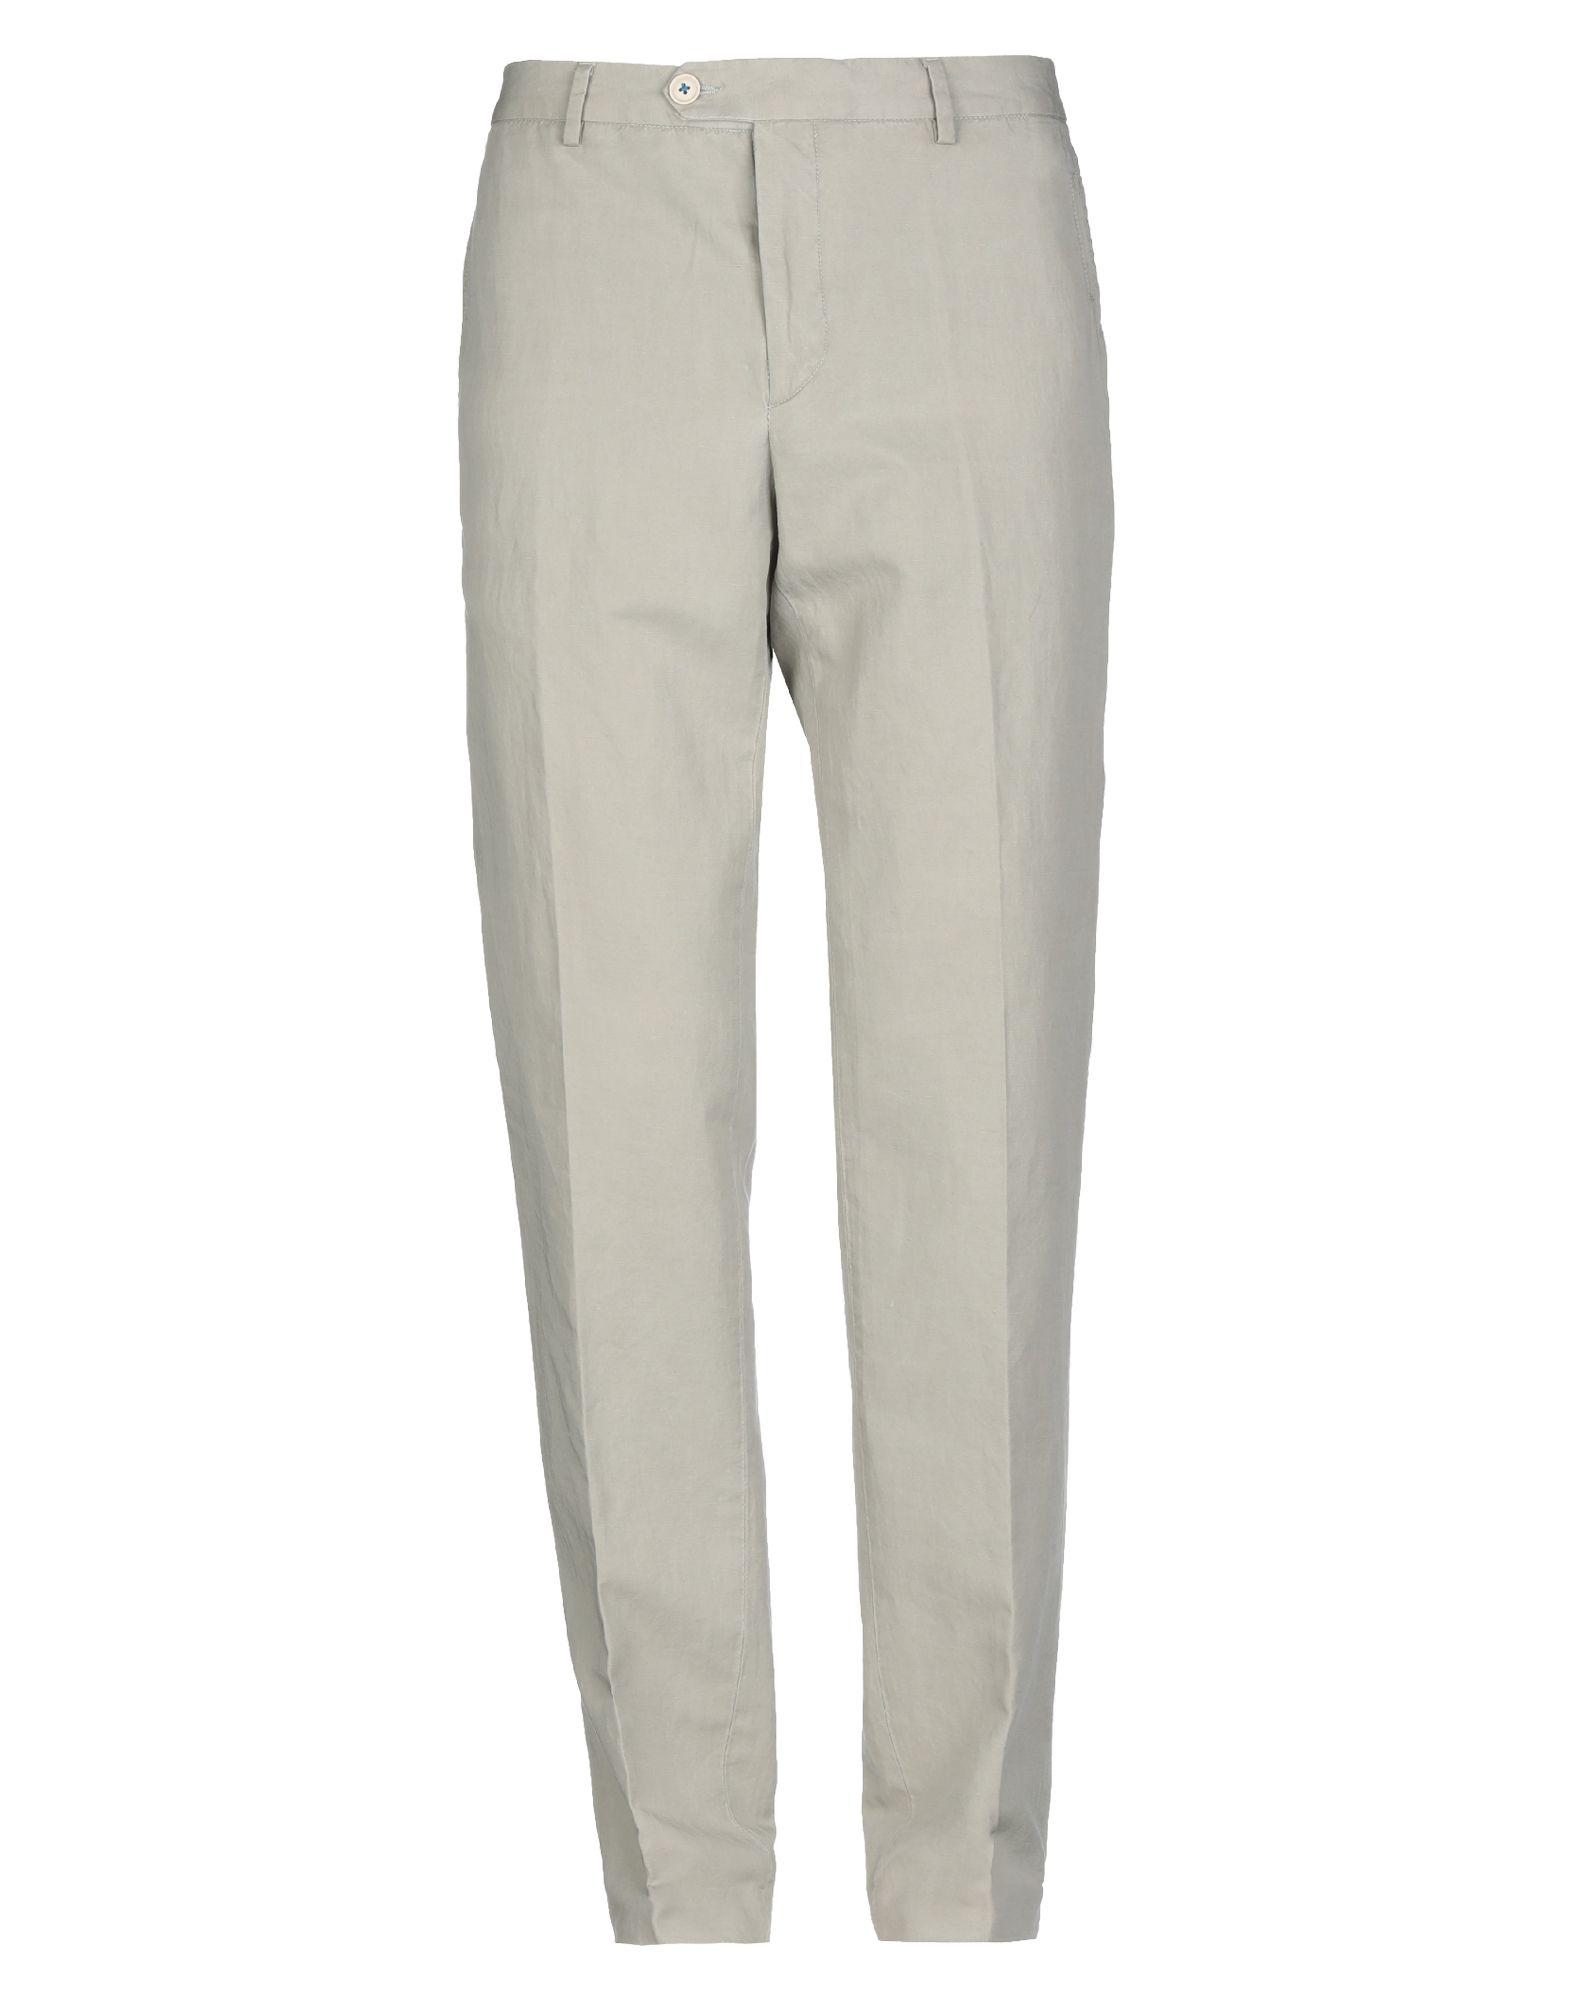 《セール開催中》BERRY & BRIAN メンズ パンツ ライトグレー 32 コットン 78% / リネン 22%